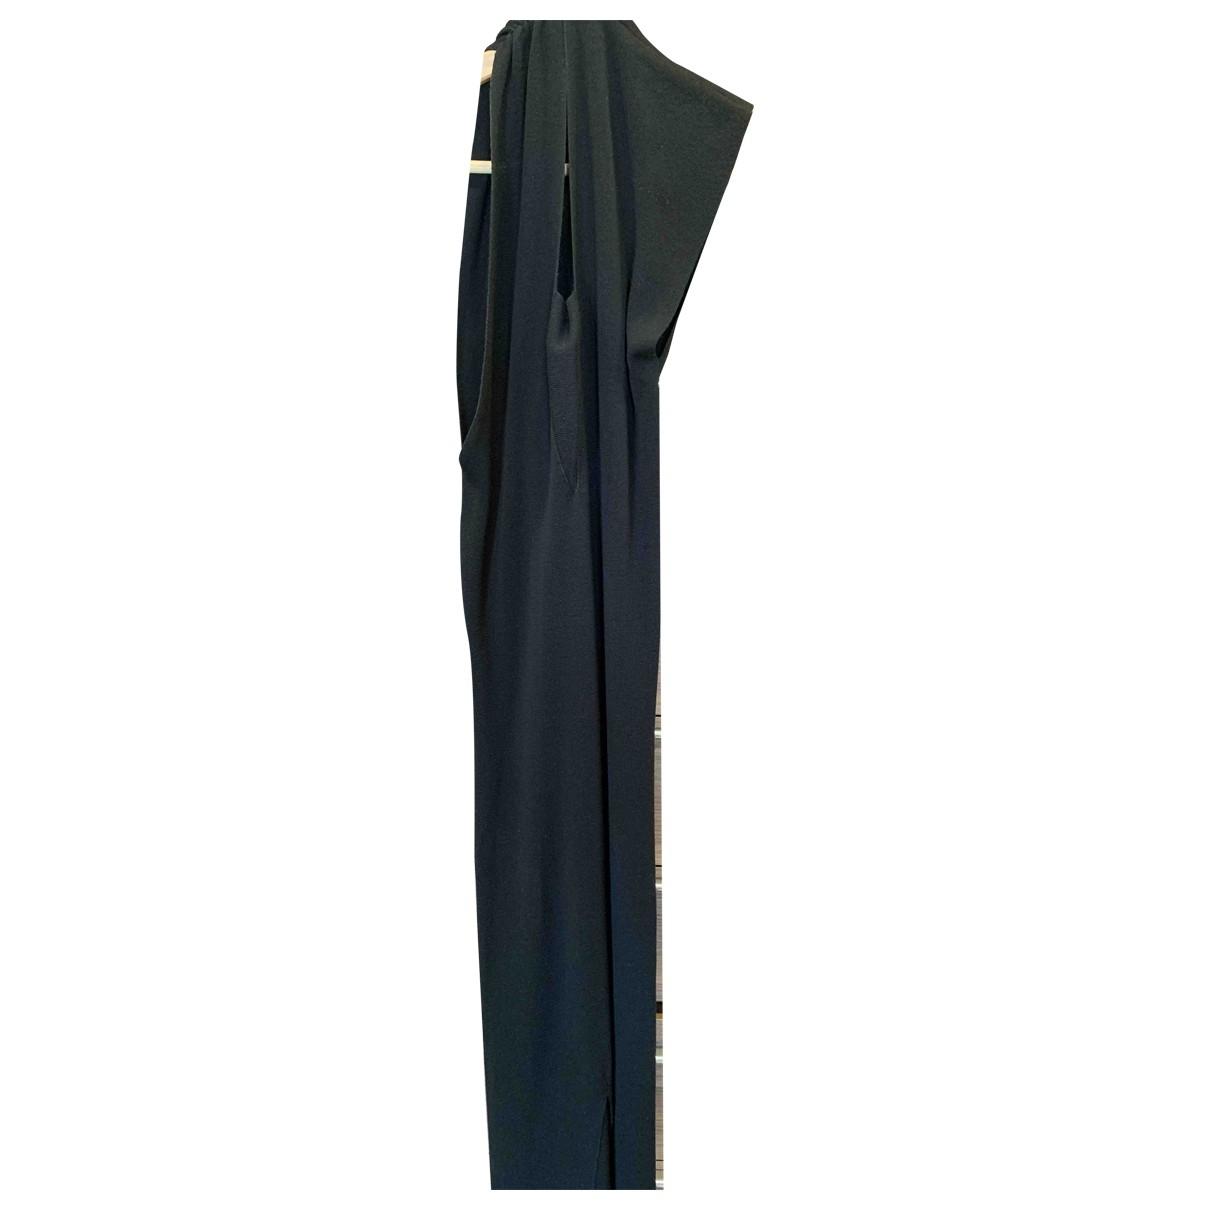 Jacquemus La Riviera Black Cotton dress for Women 40 FR